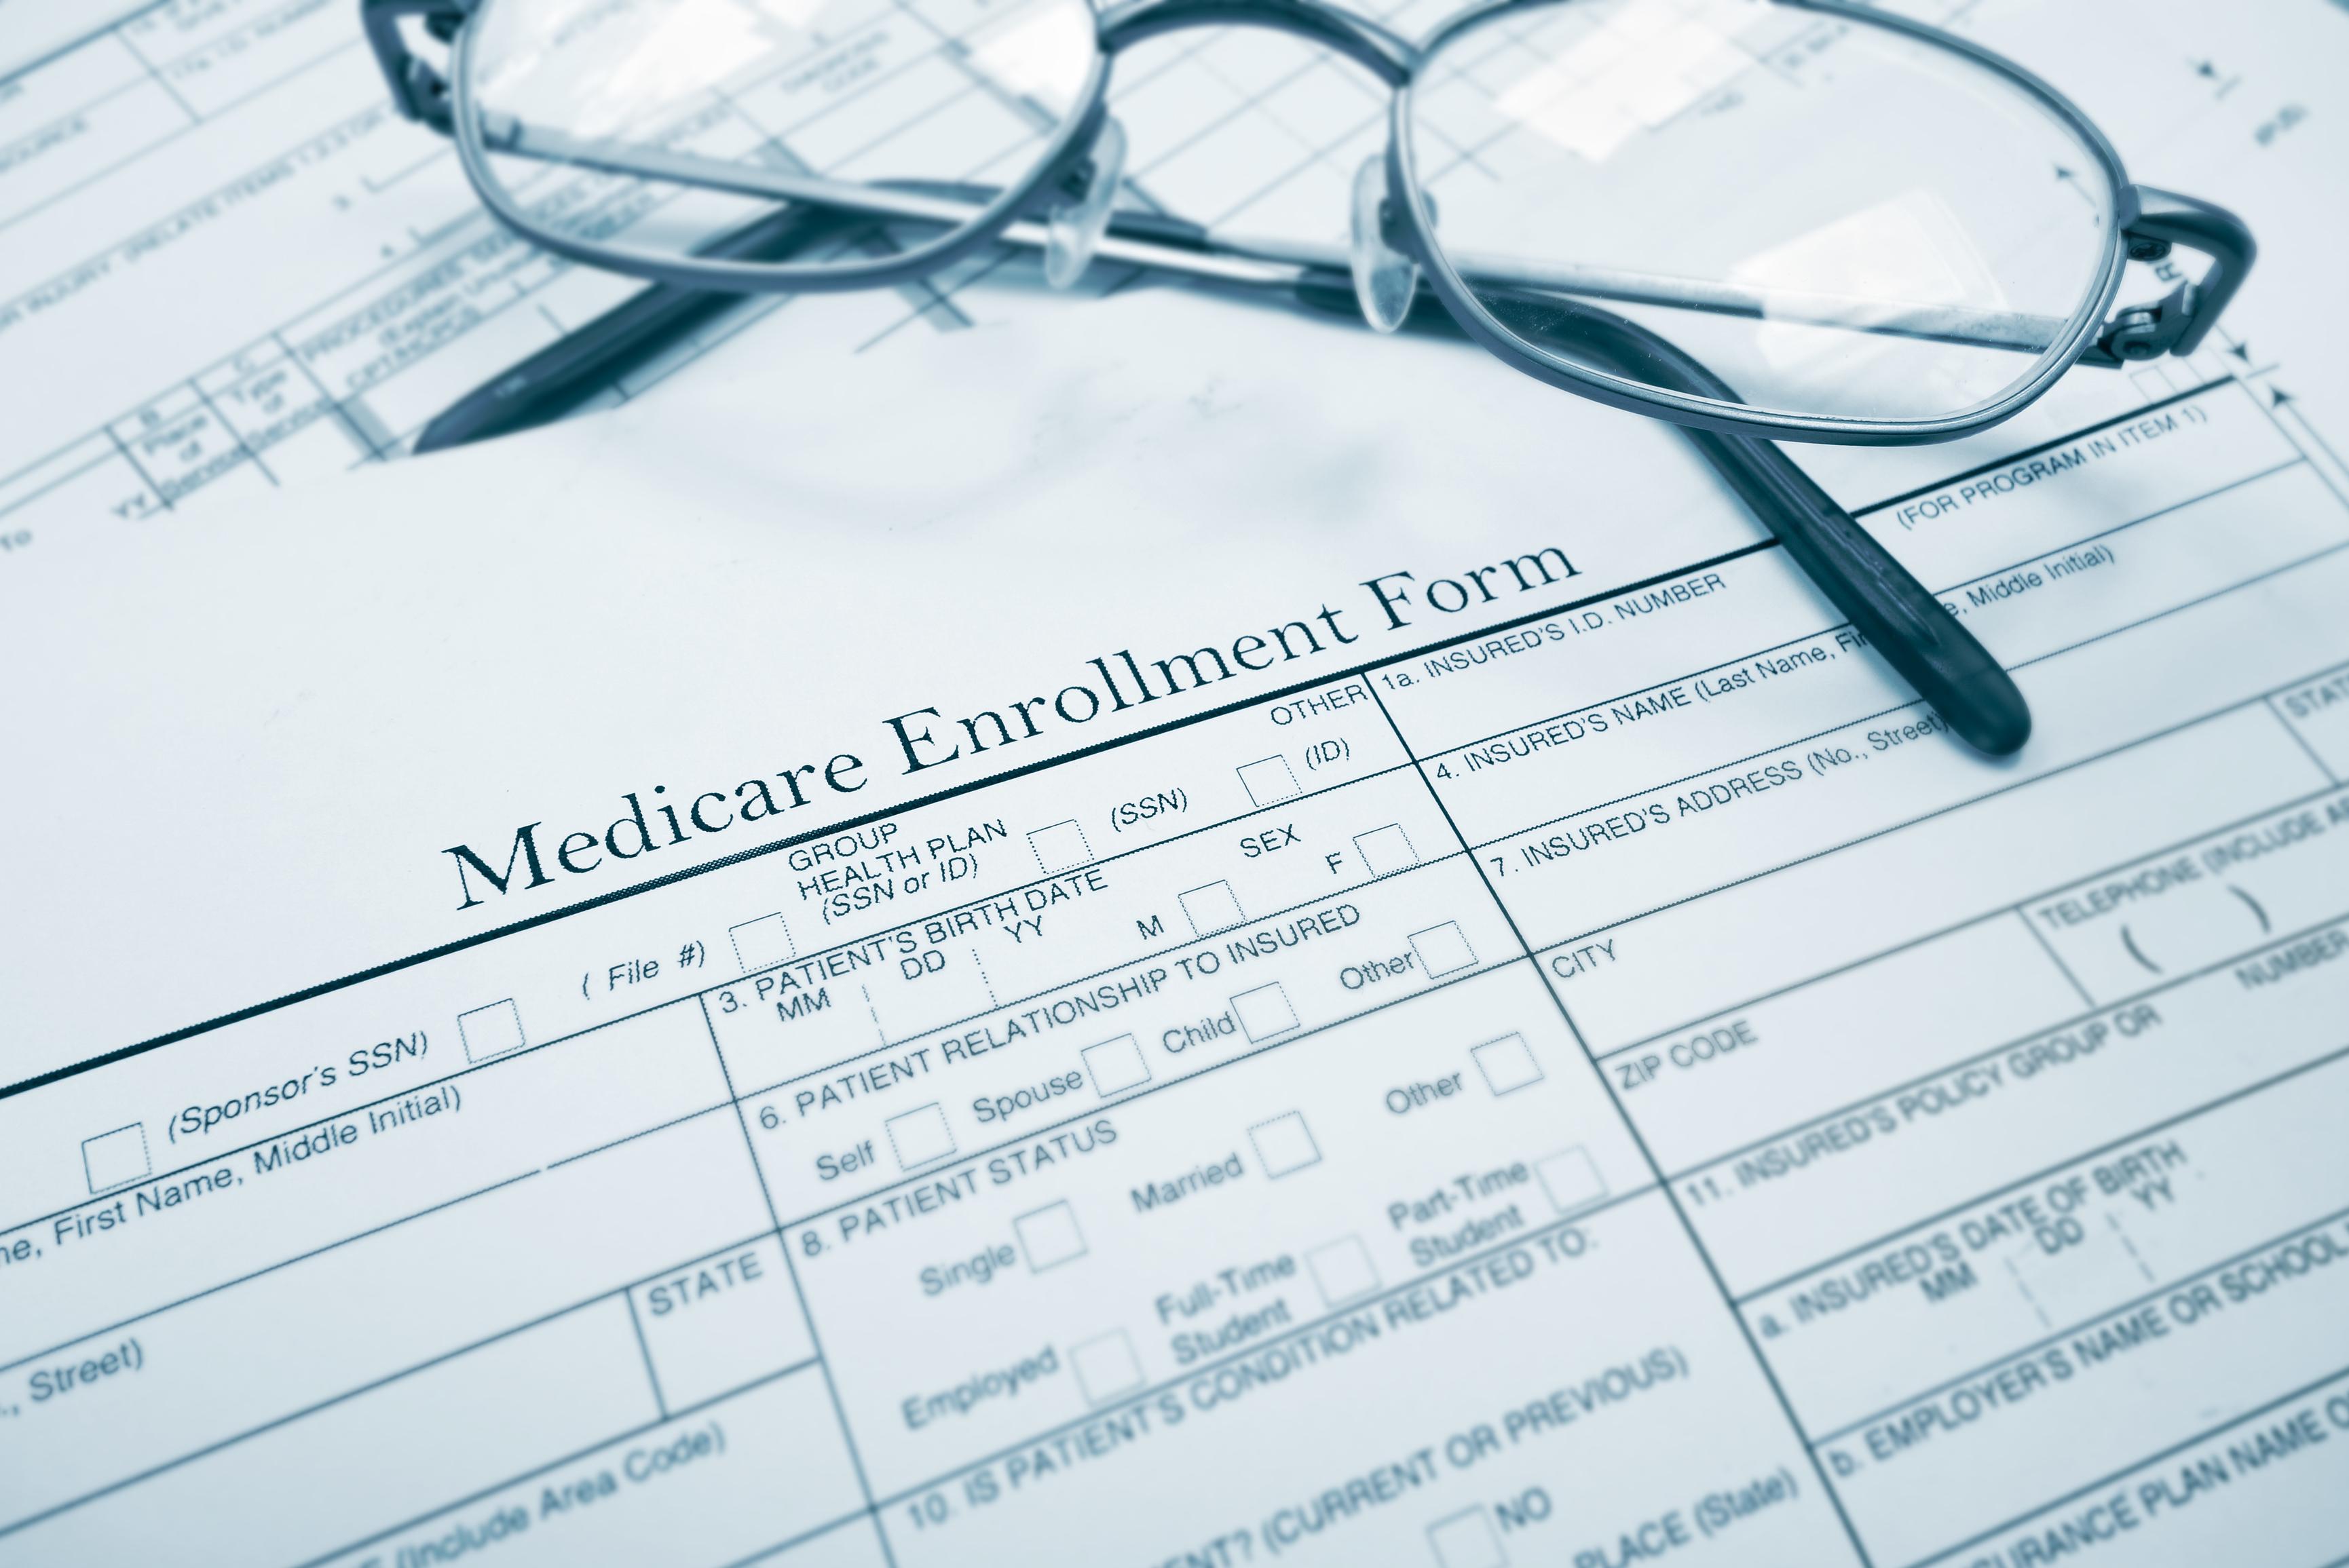 許多人擔心退休後健保無著落,其實政府提供聯邦醫療保險計畫。(TNS)